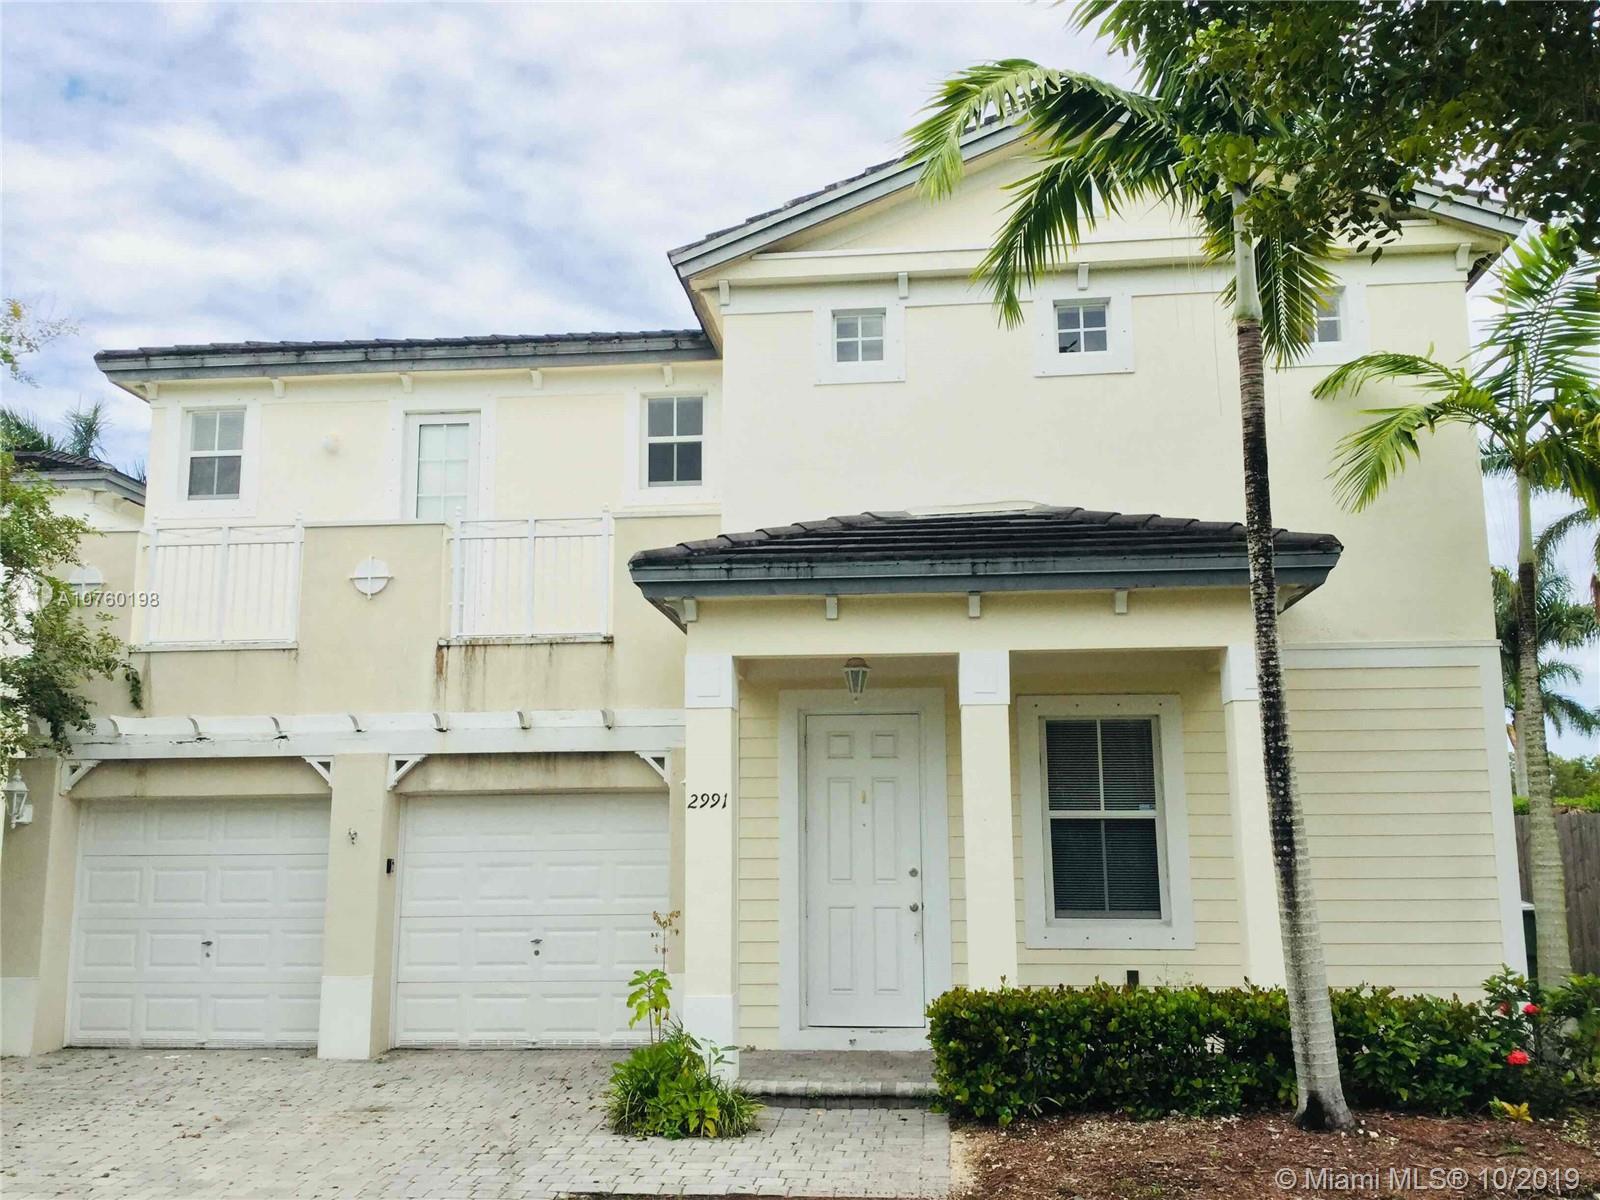 2991 2nd Dr, Homestead, FL 33033 - Homestead, FL real estate listing